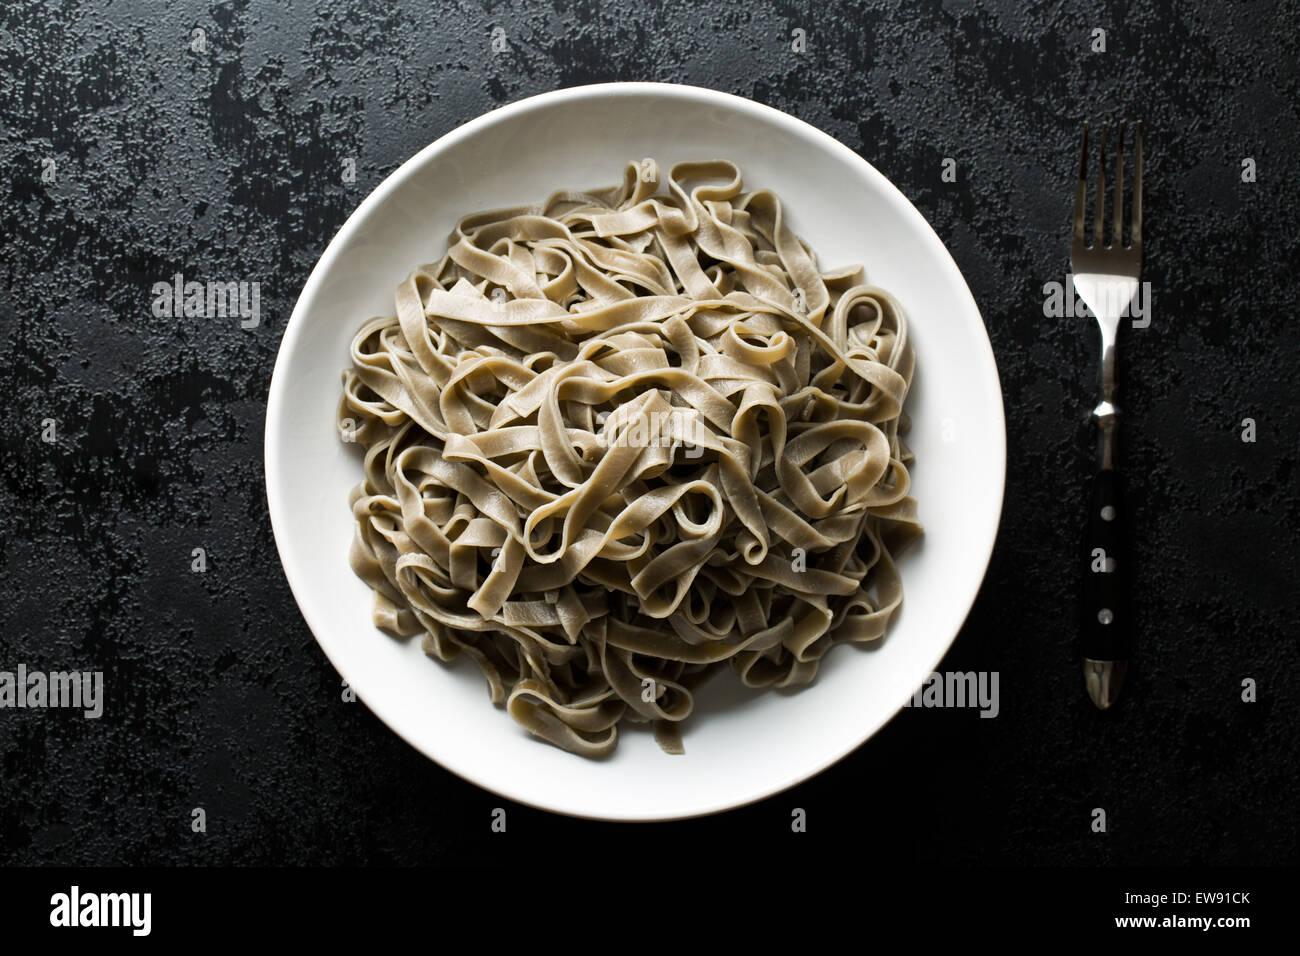 Tagliatelles noires cuites sur la plaque Photo Stock